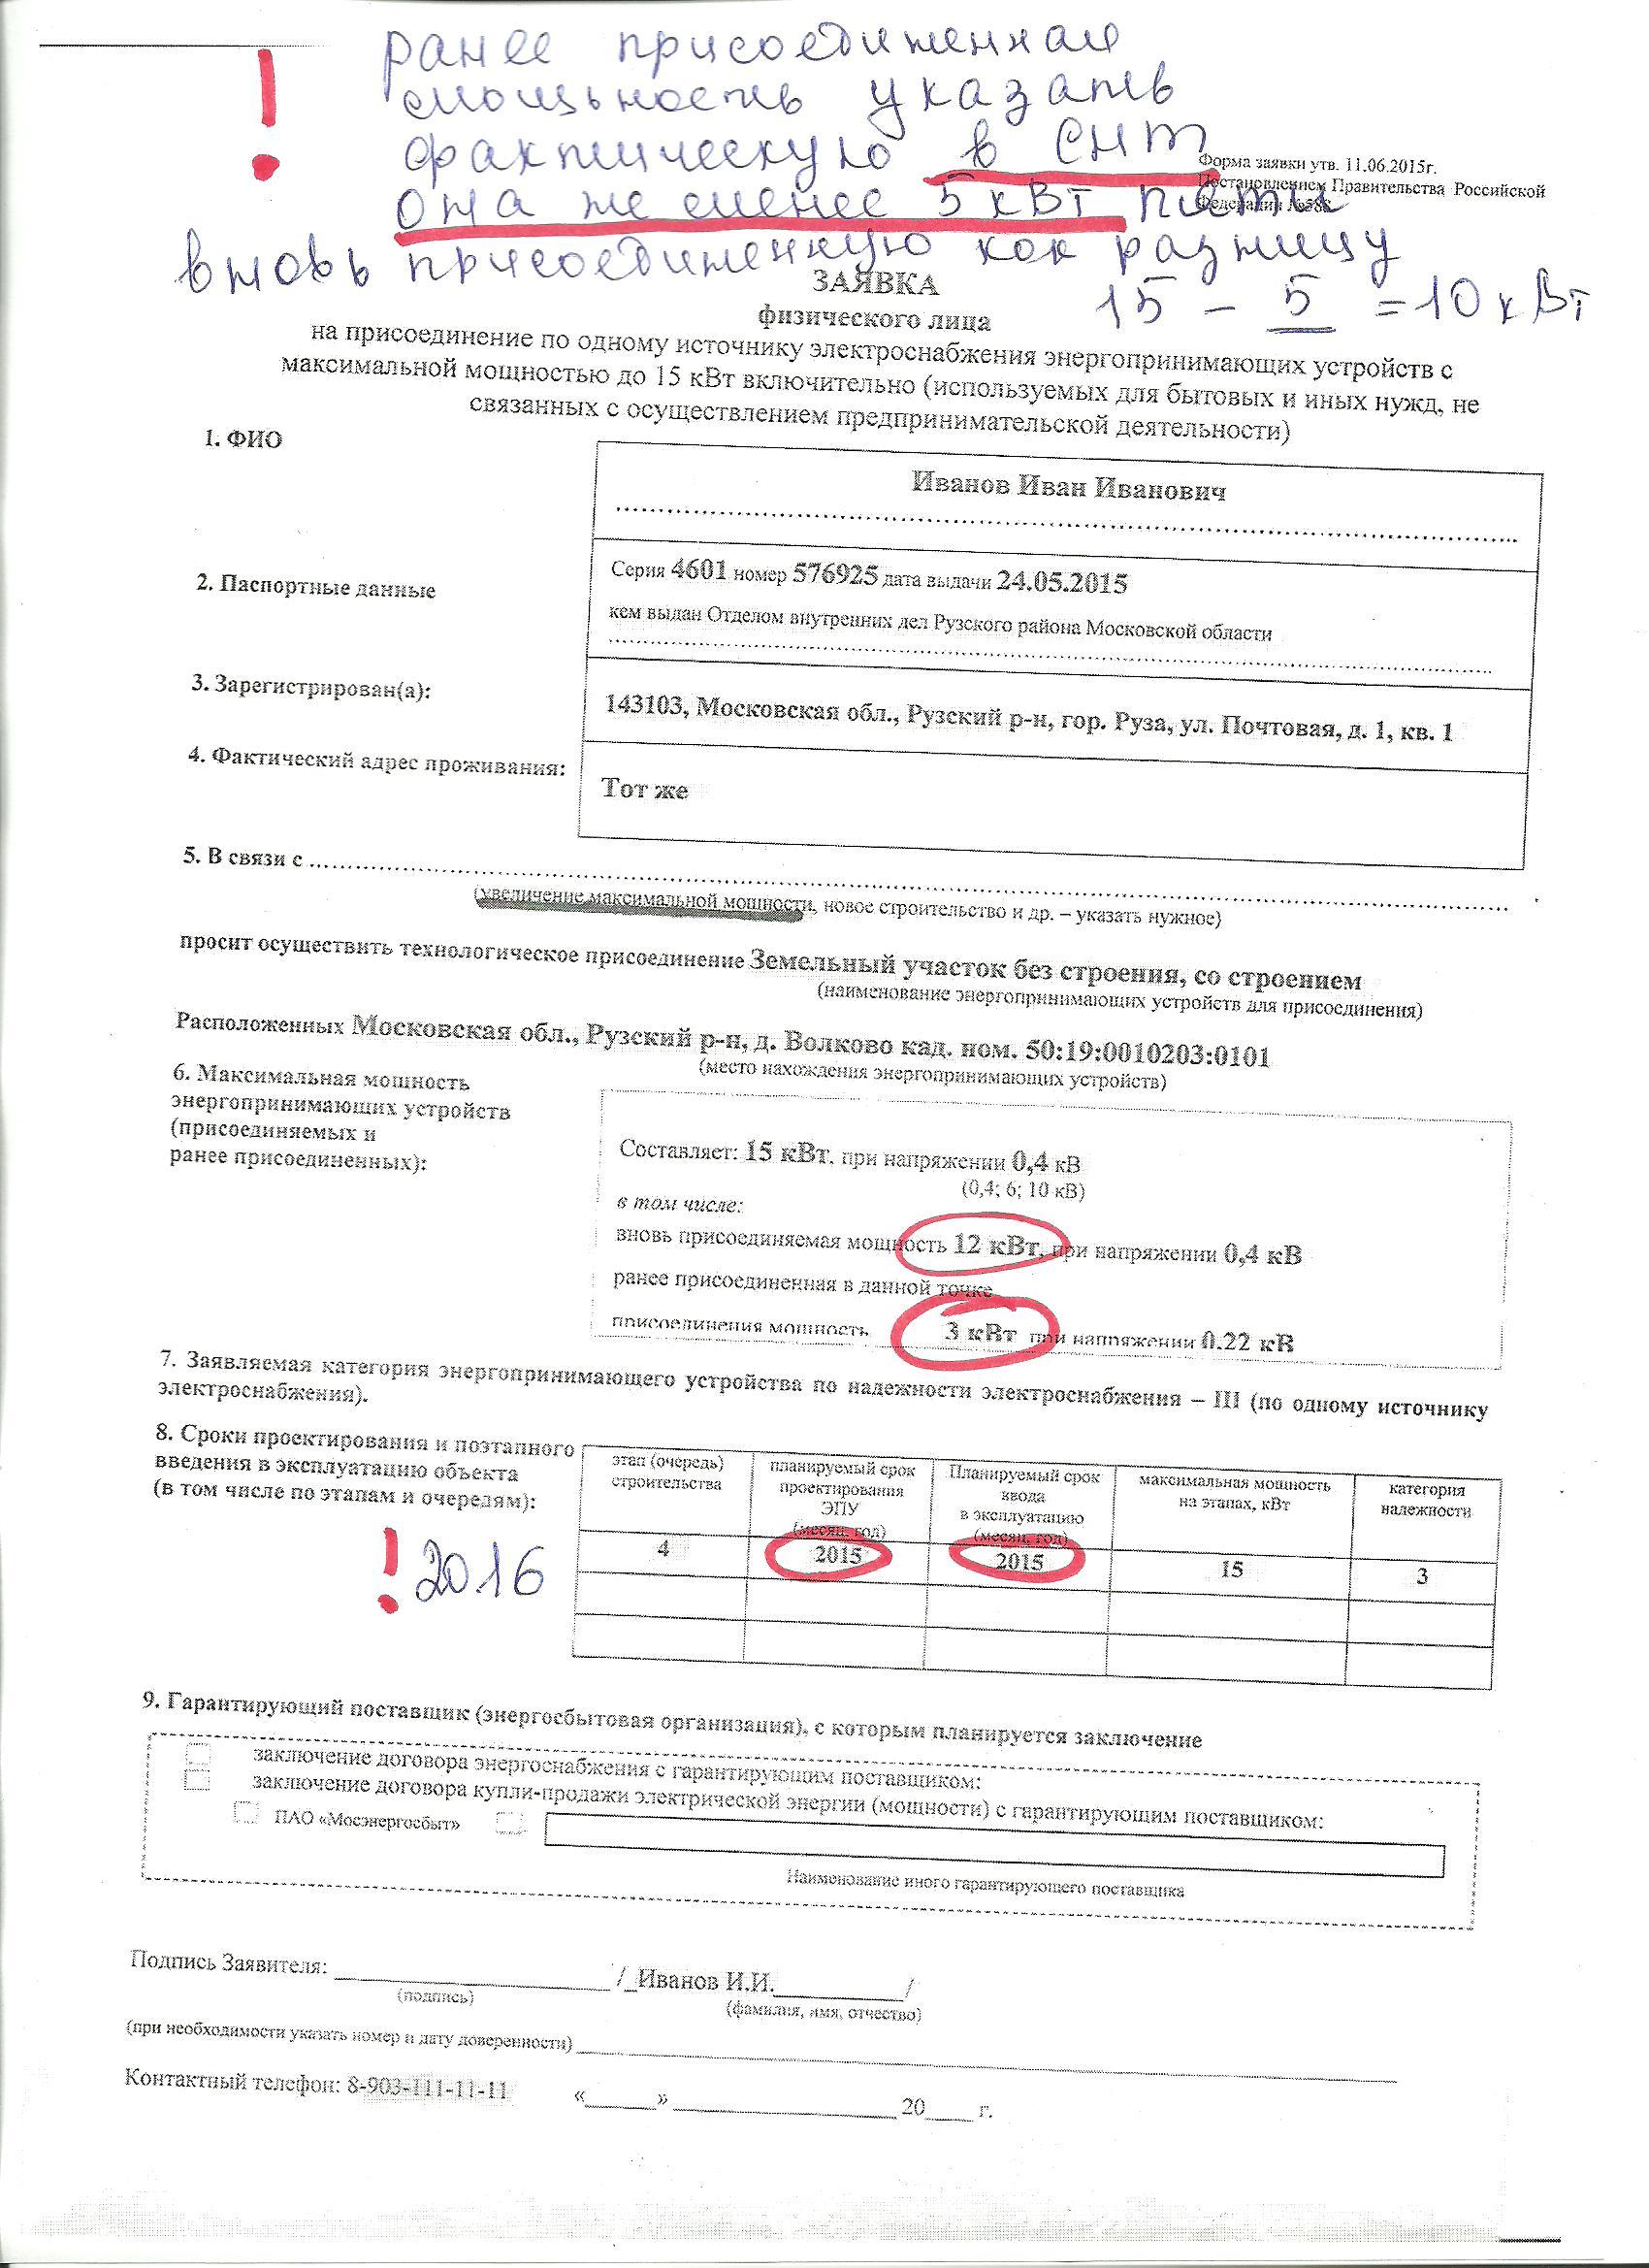 Образец заявления на подключение электроэнергии до 15 квт на земельный участок